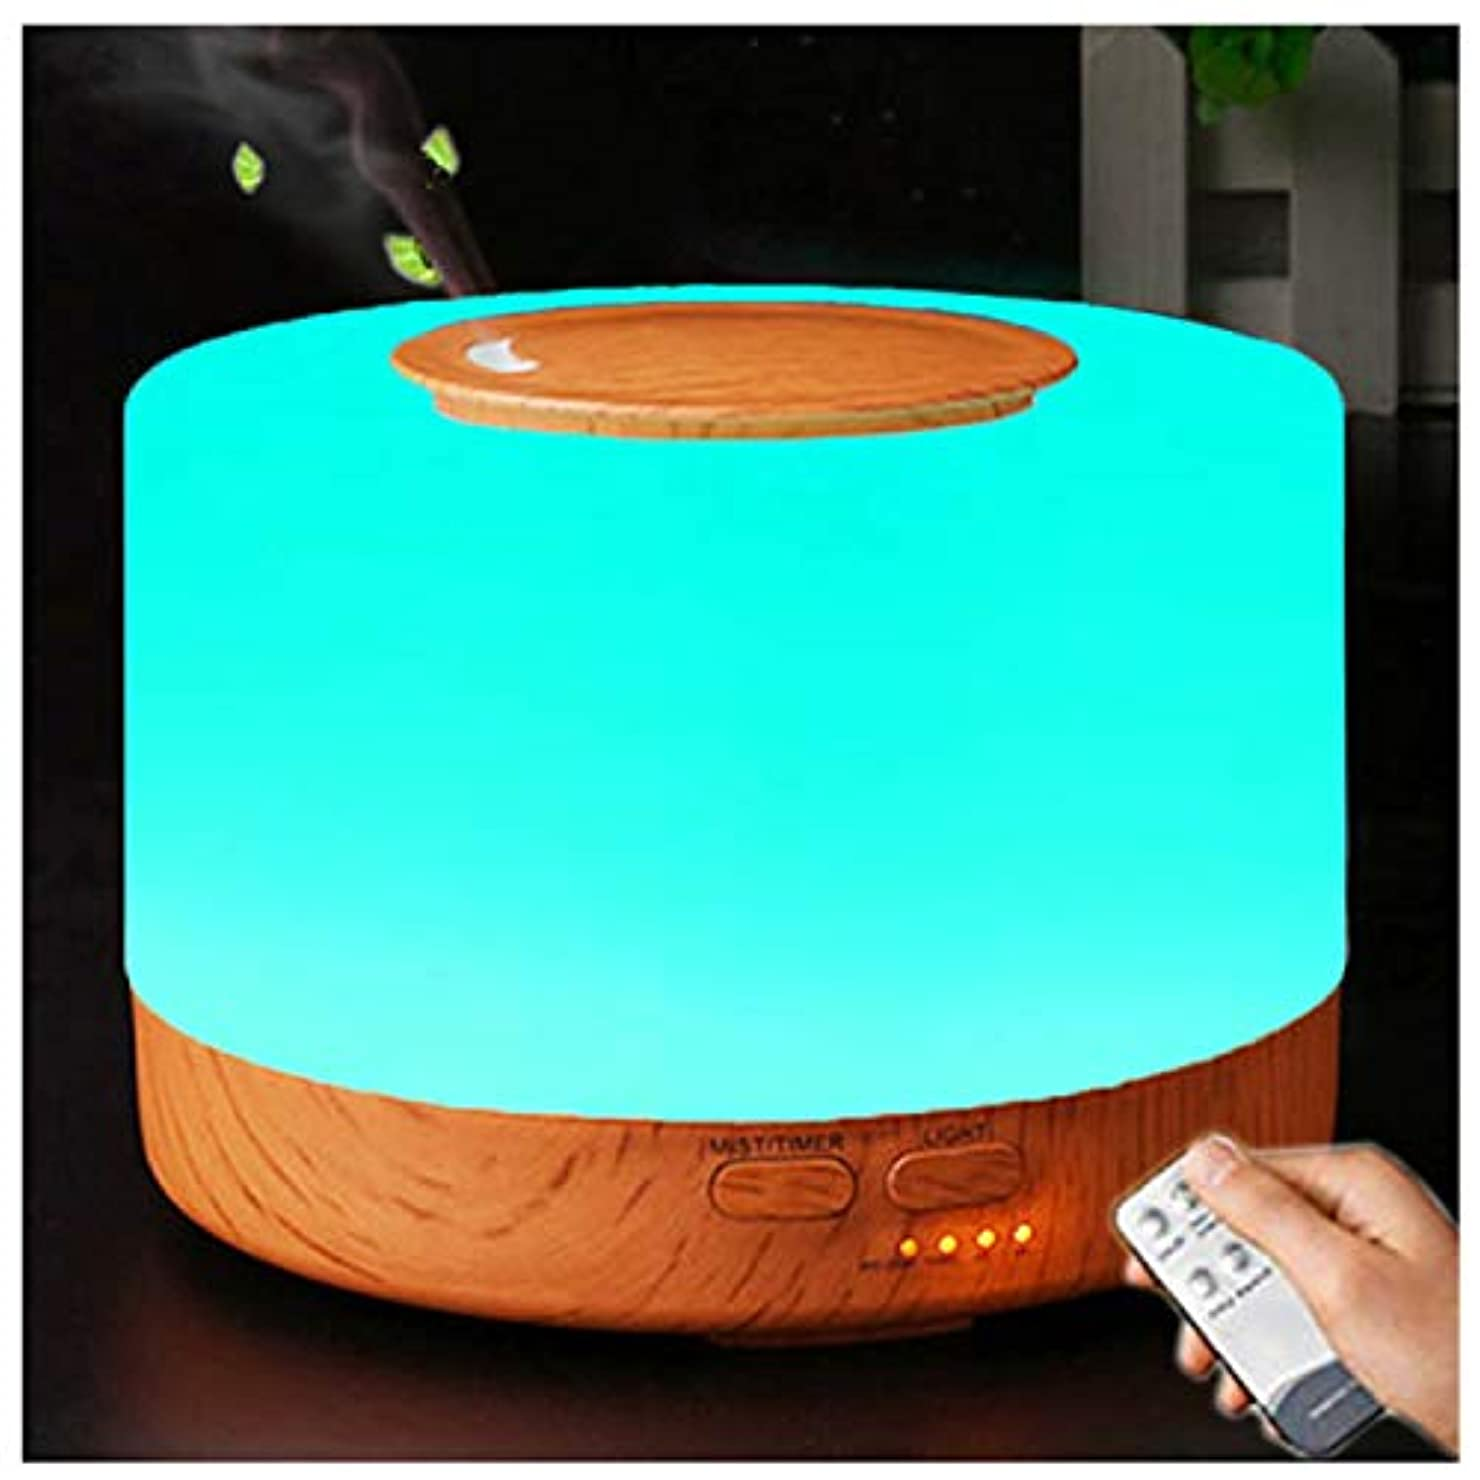 誇りに思う器用オッズアロマディフューザー 加湿器, 卓上 大容量 超音波加湿器, 500ML 保湿 時間設定 空焚き防止 7色変換LED搭載 (木目調)